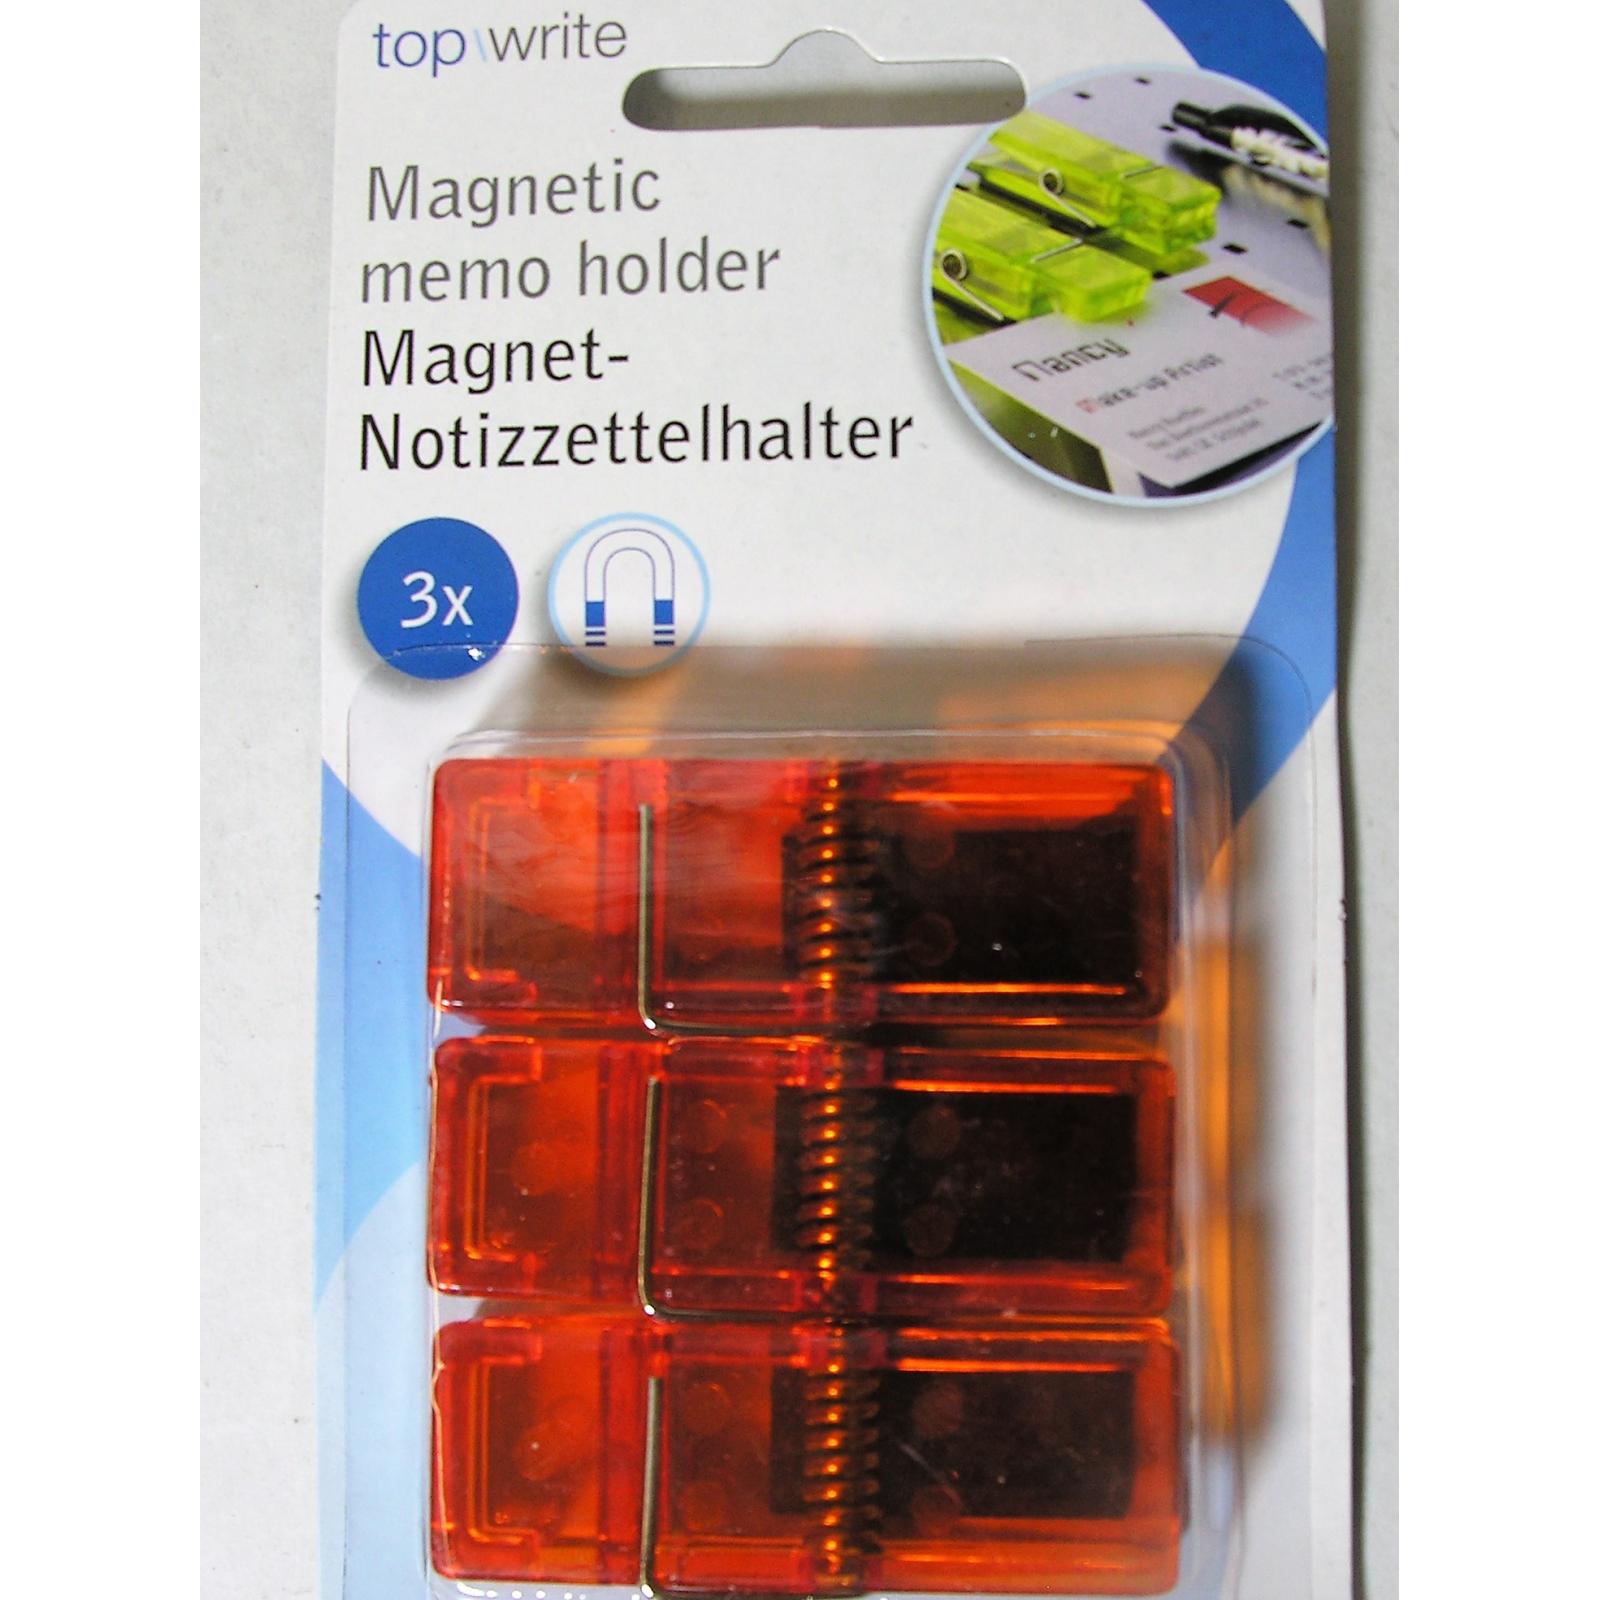 24er set magnet klammern memohalter clips bunt zettelhalter k hlschrank magnete ebay. Black Bedroom Furniture Sets. Home Design Ideas